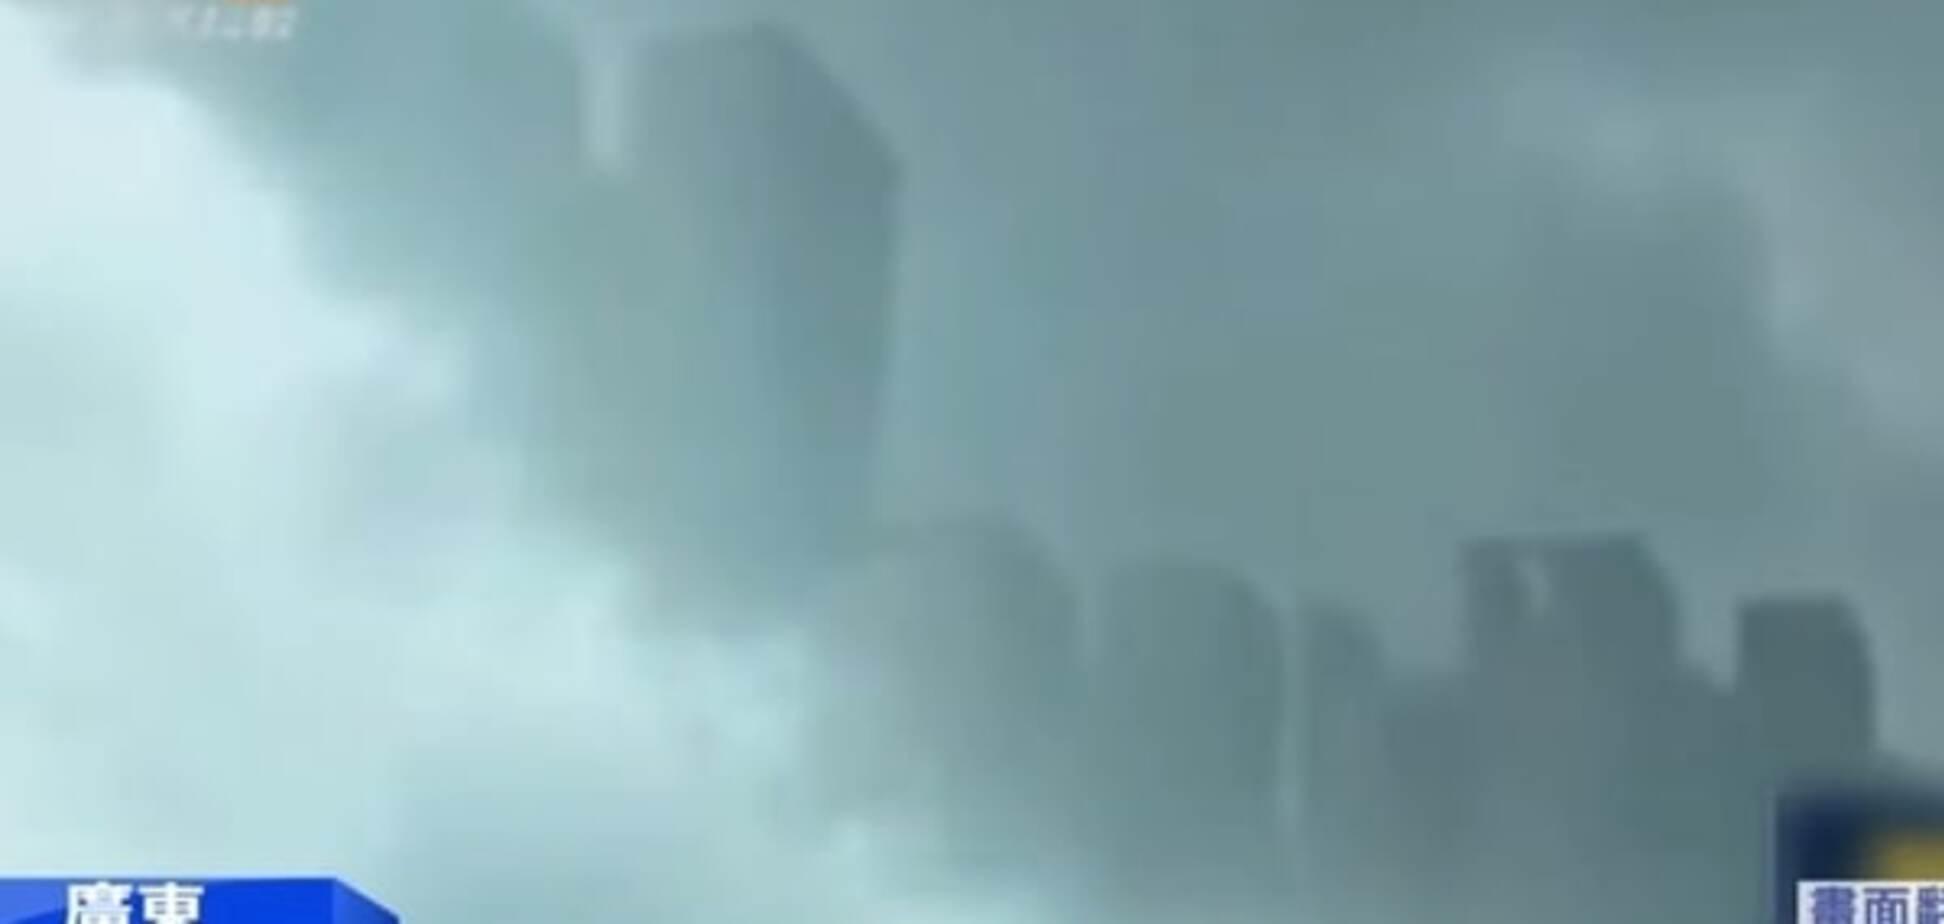 В небе над Китаем появился 'призрачный город': видеофакт